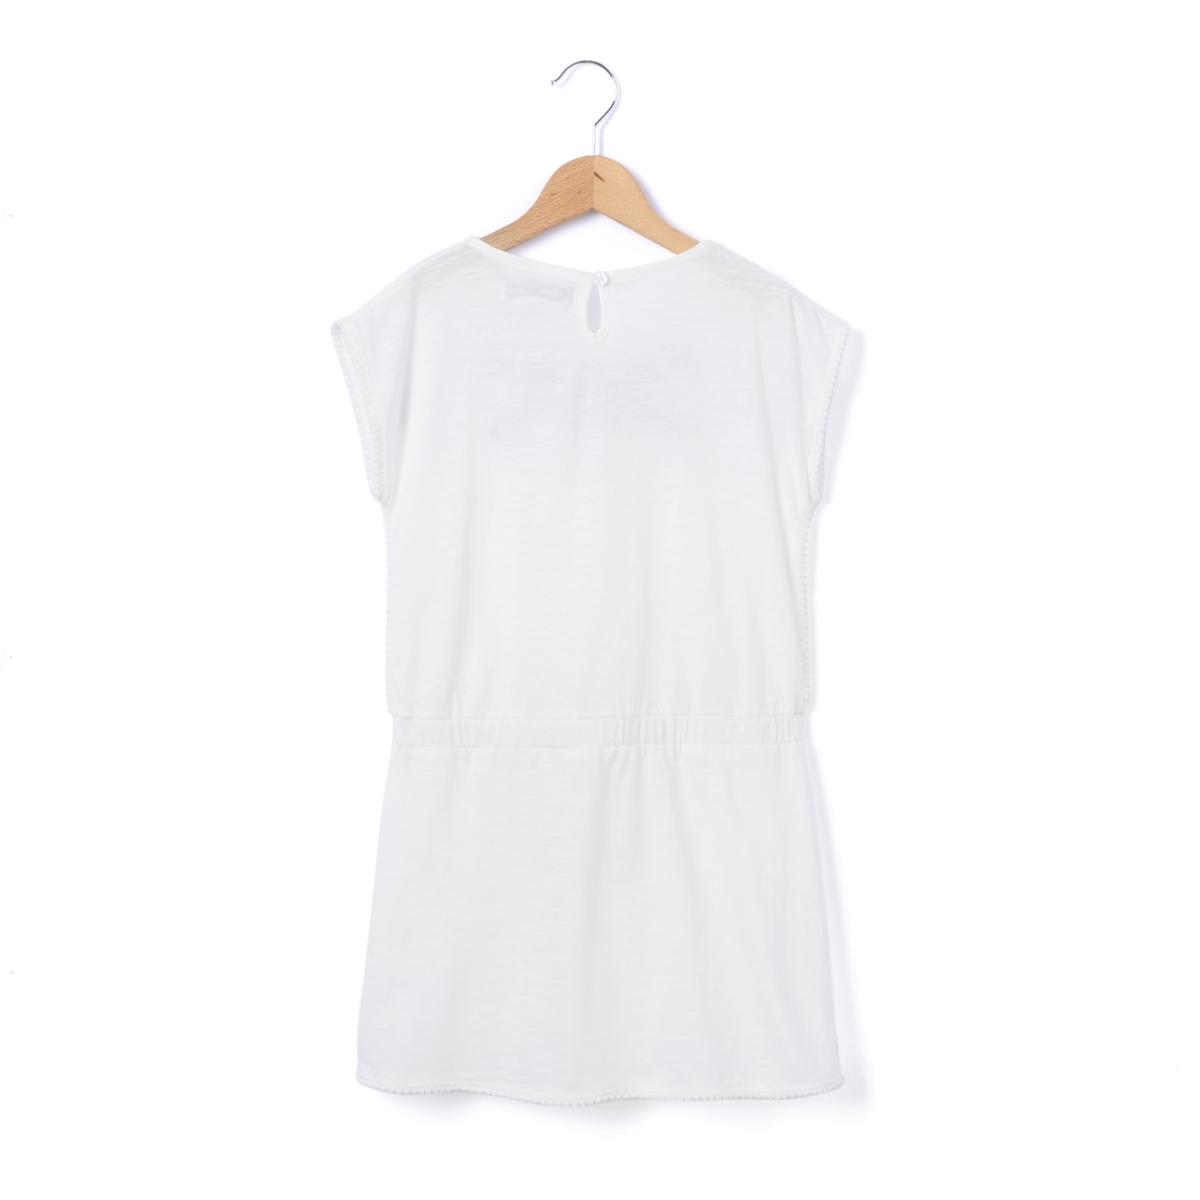 Платье-футляр с вышивкой 3-12 летПлатье-футляр. Вышивка на вырезе и рукавах . Круглый вырез. Завязки с помпонами на поясе  . Застежка на пуговицу, вырез-капля сзади .Состав и описание : Материал         55% хлопка, 40% полиэстера, 5% эластана Марка          abcdR Уход :Машинная стирка при 30°C с вещами схожих цветовСтирать, предварительно вывернув наизнанкуСухая чистка и машинная сушка запрещеныНе гладить<br><br>Цвет: белый<br>Размер: 12 лет -150 см